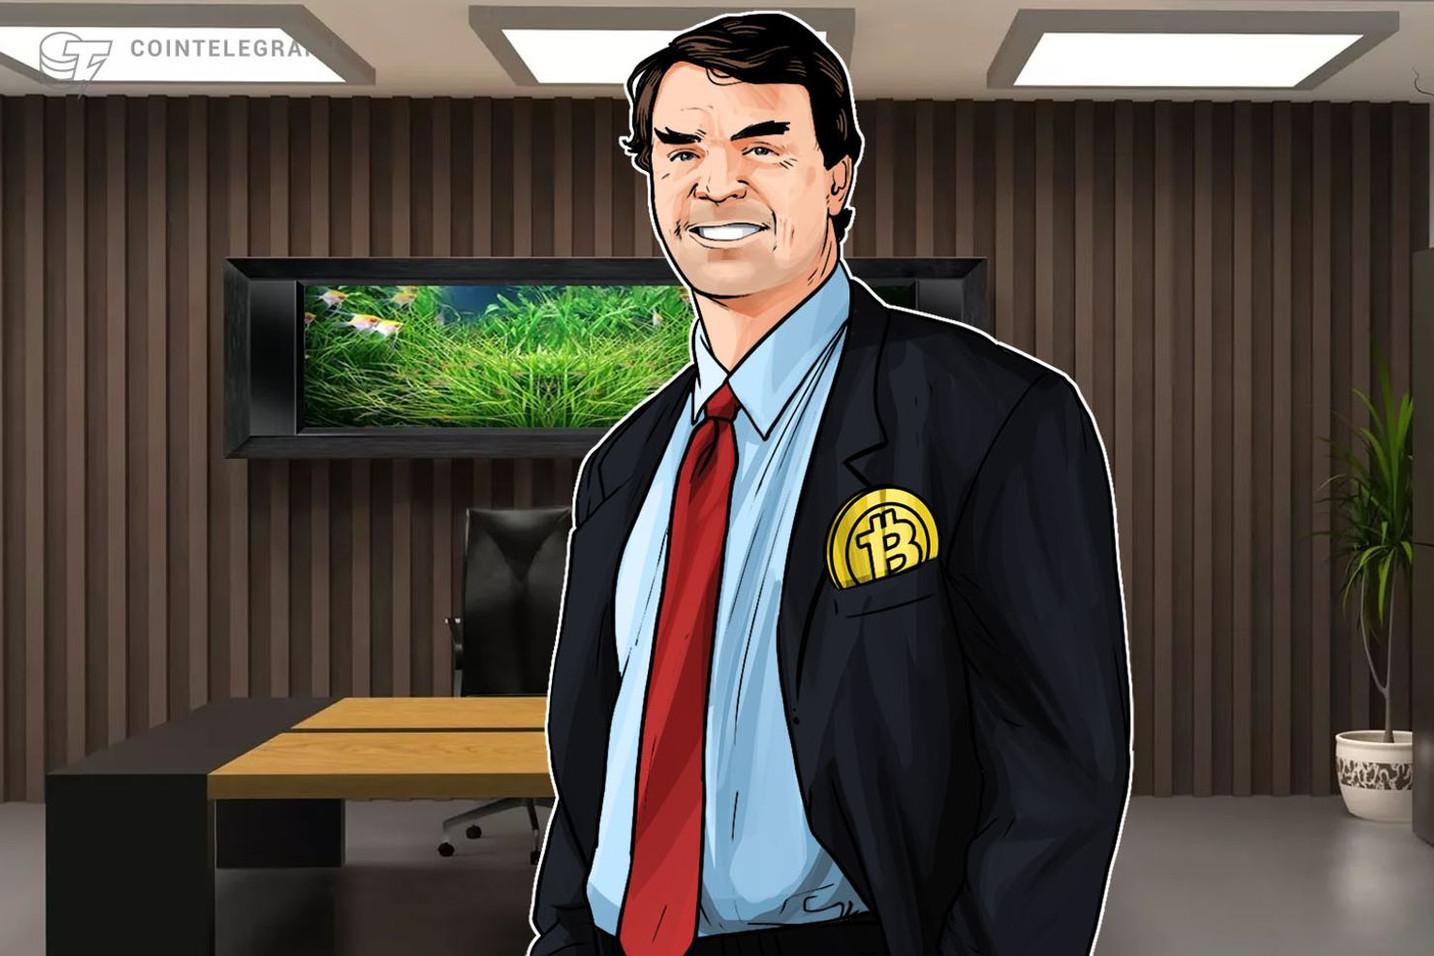 ドレイパー氏 2022年のビットコイン価格25万ドル予想を解説